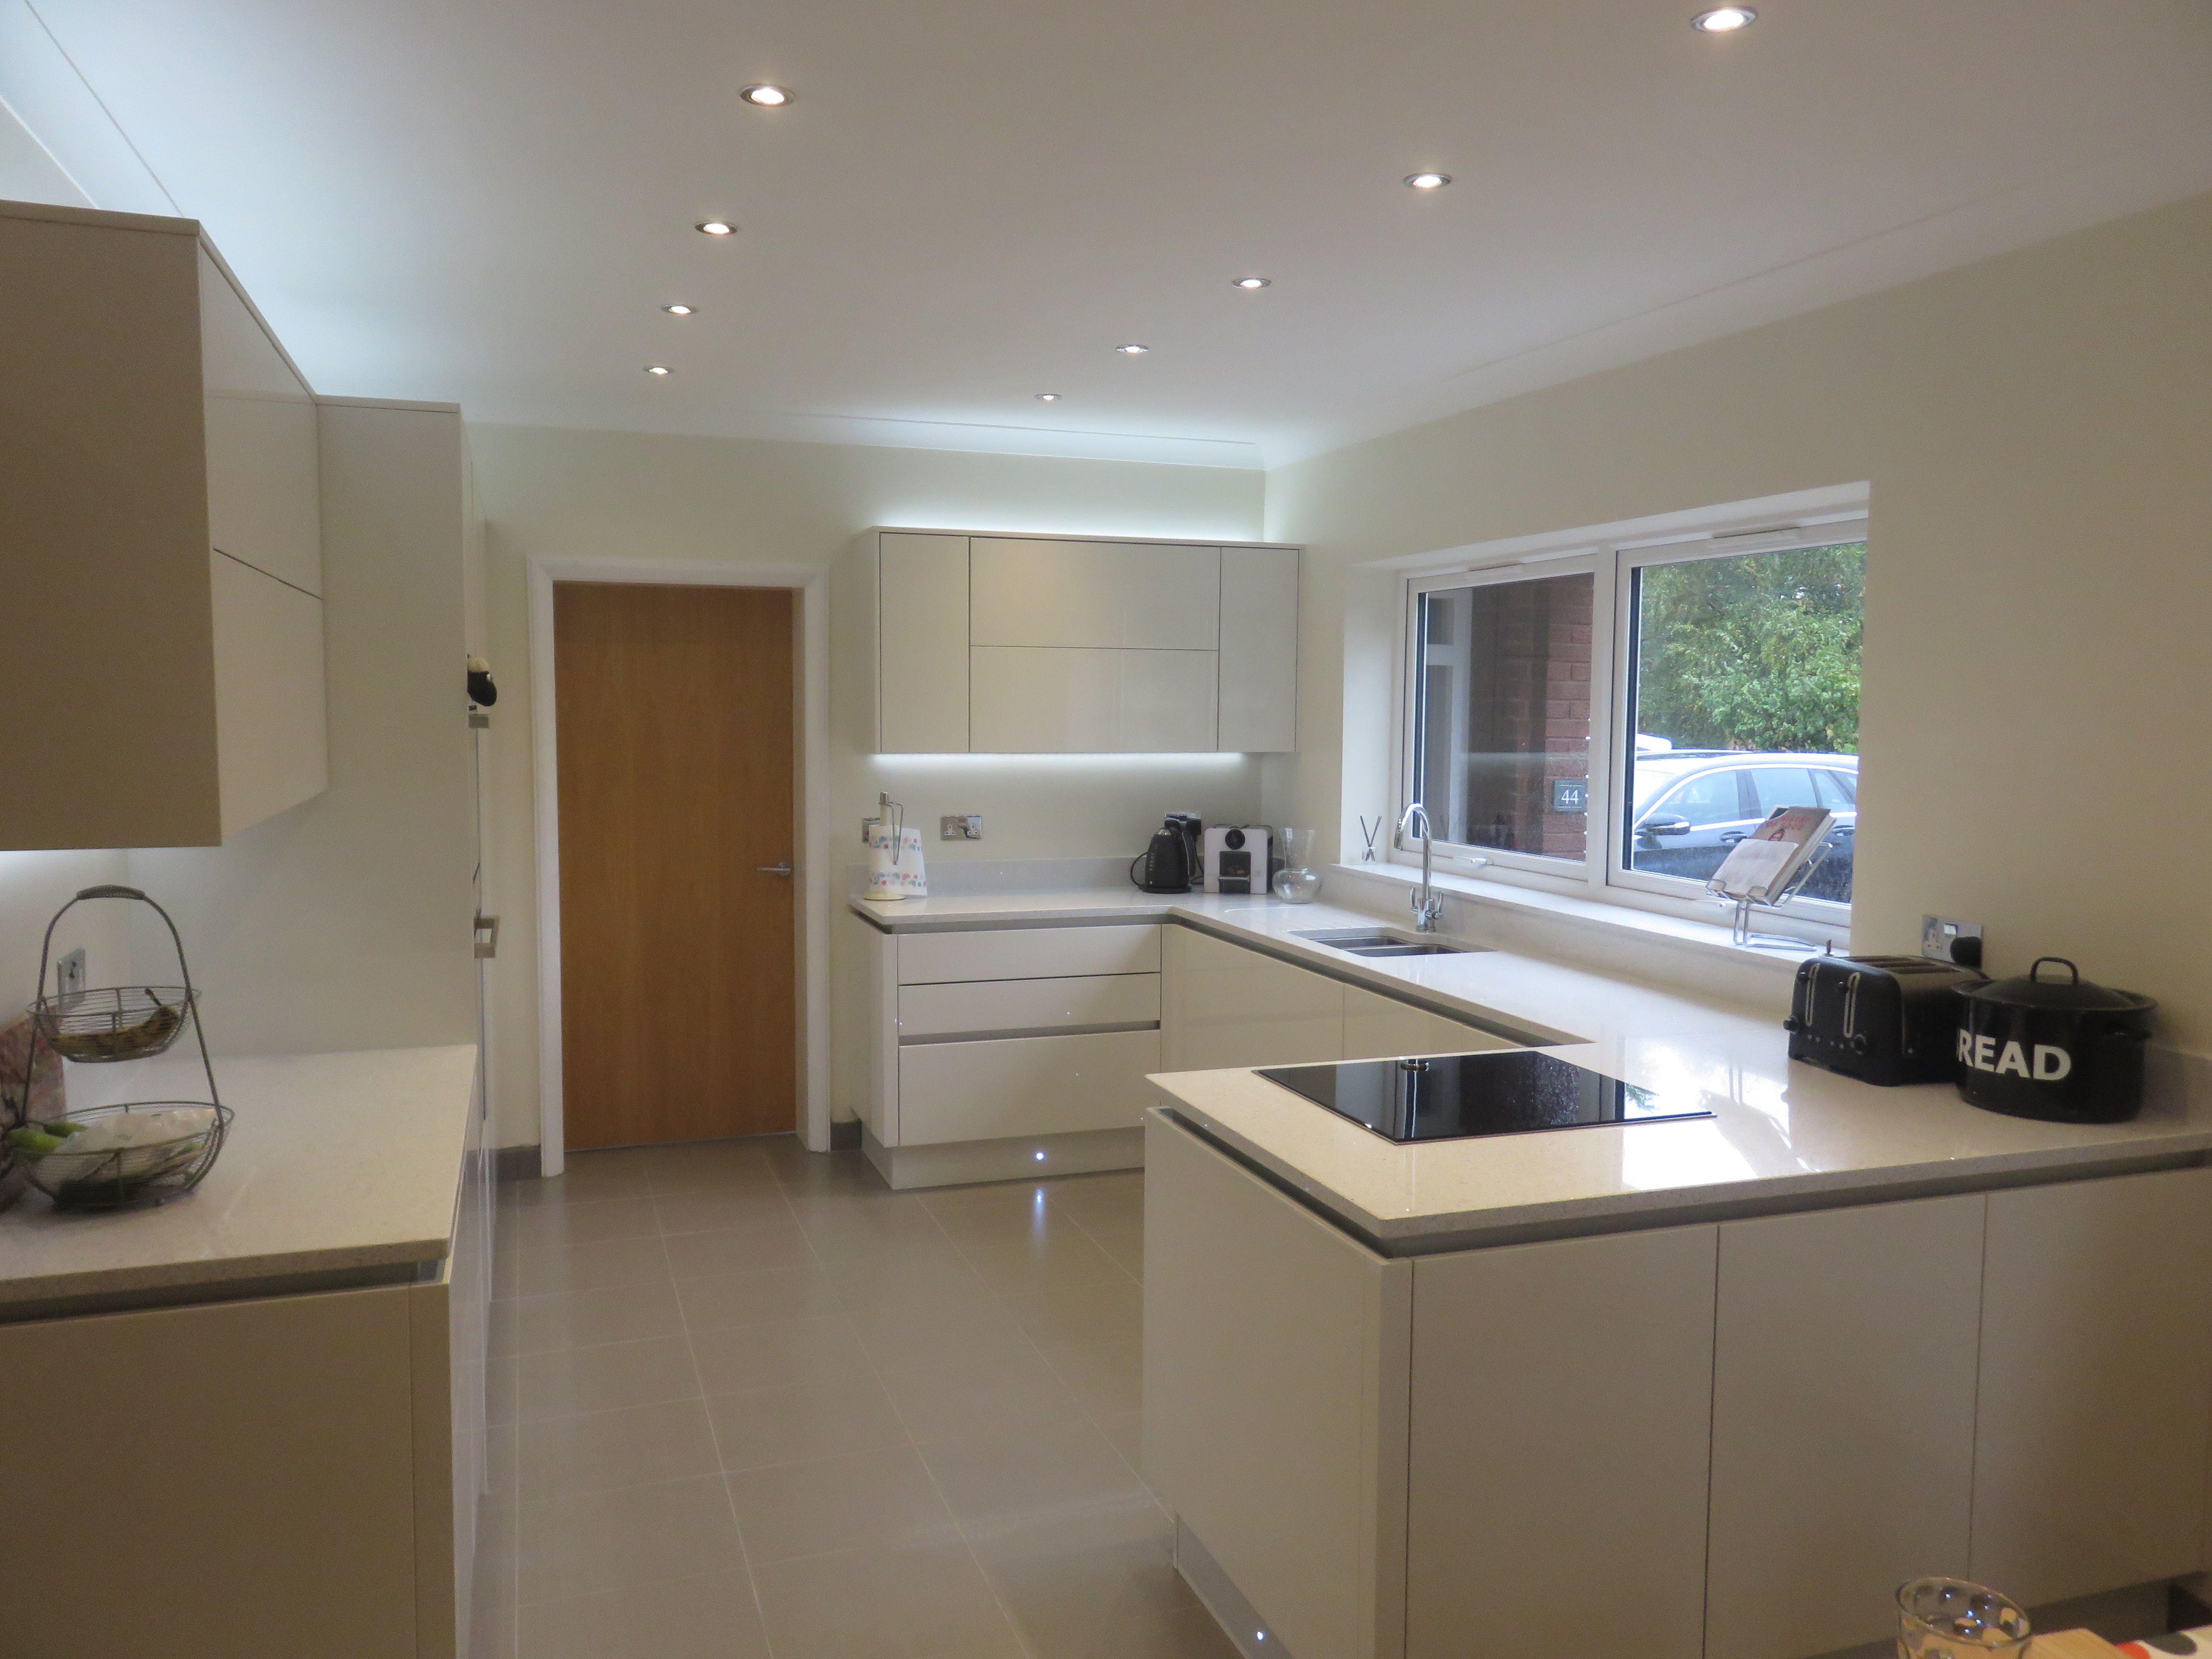 Fitted kitchen in Hagley near Stourbridge; Cosdon door